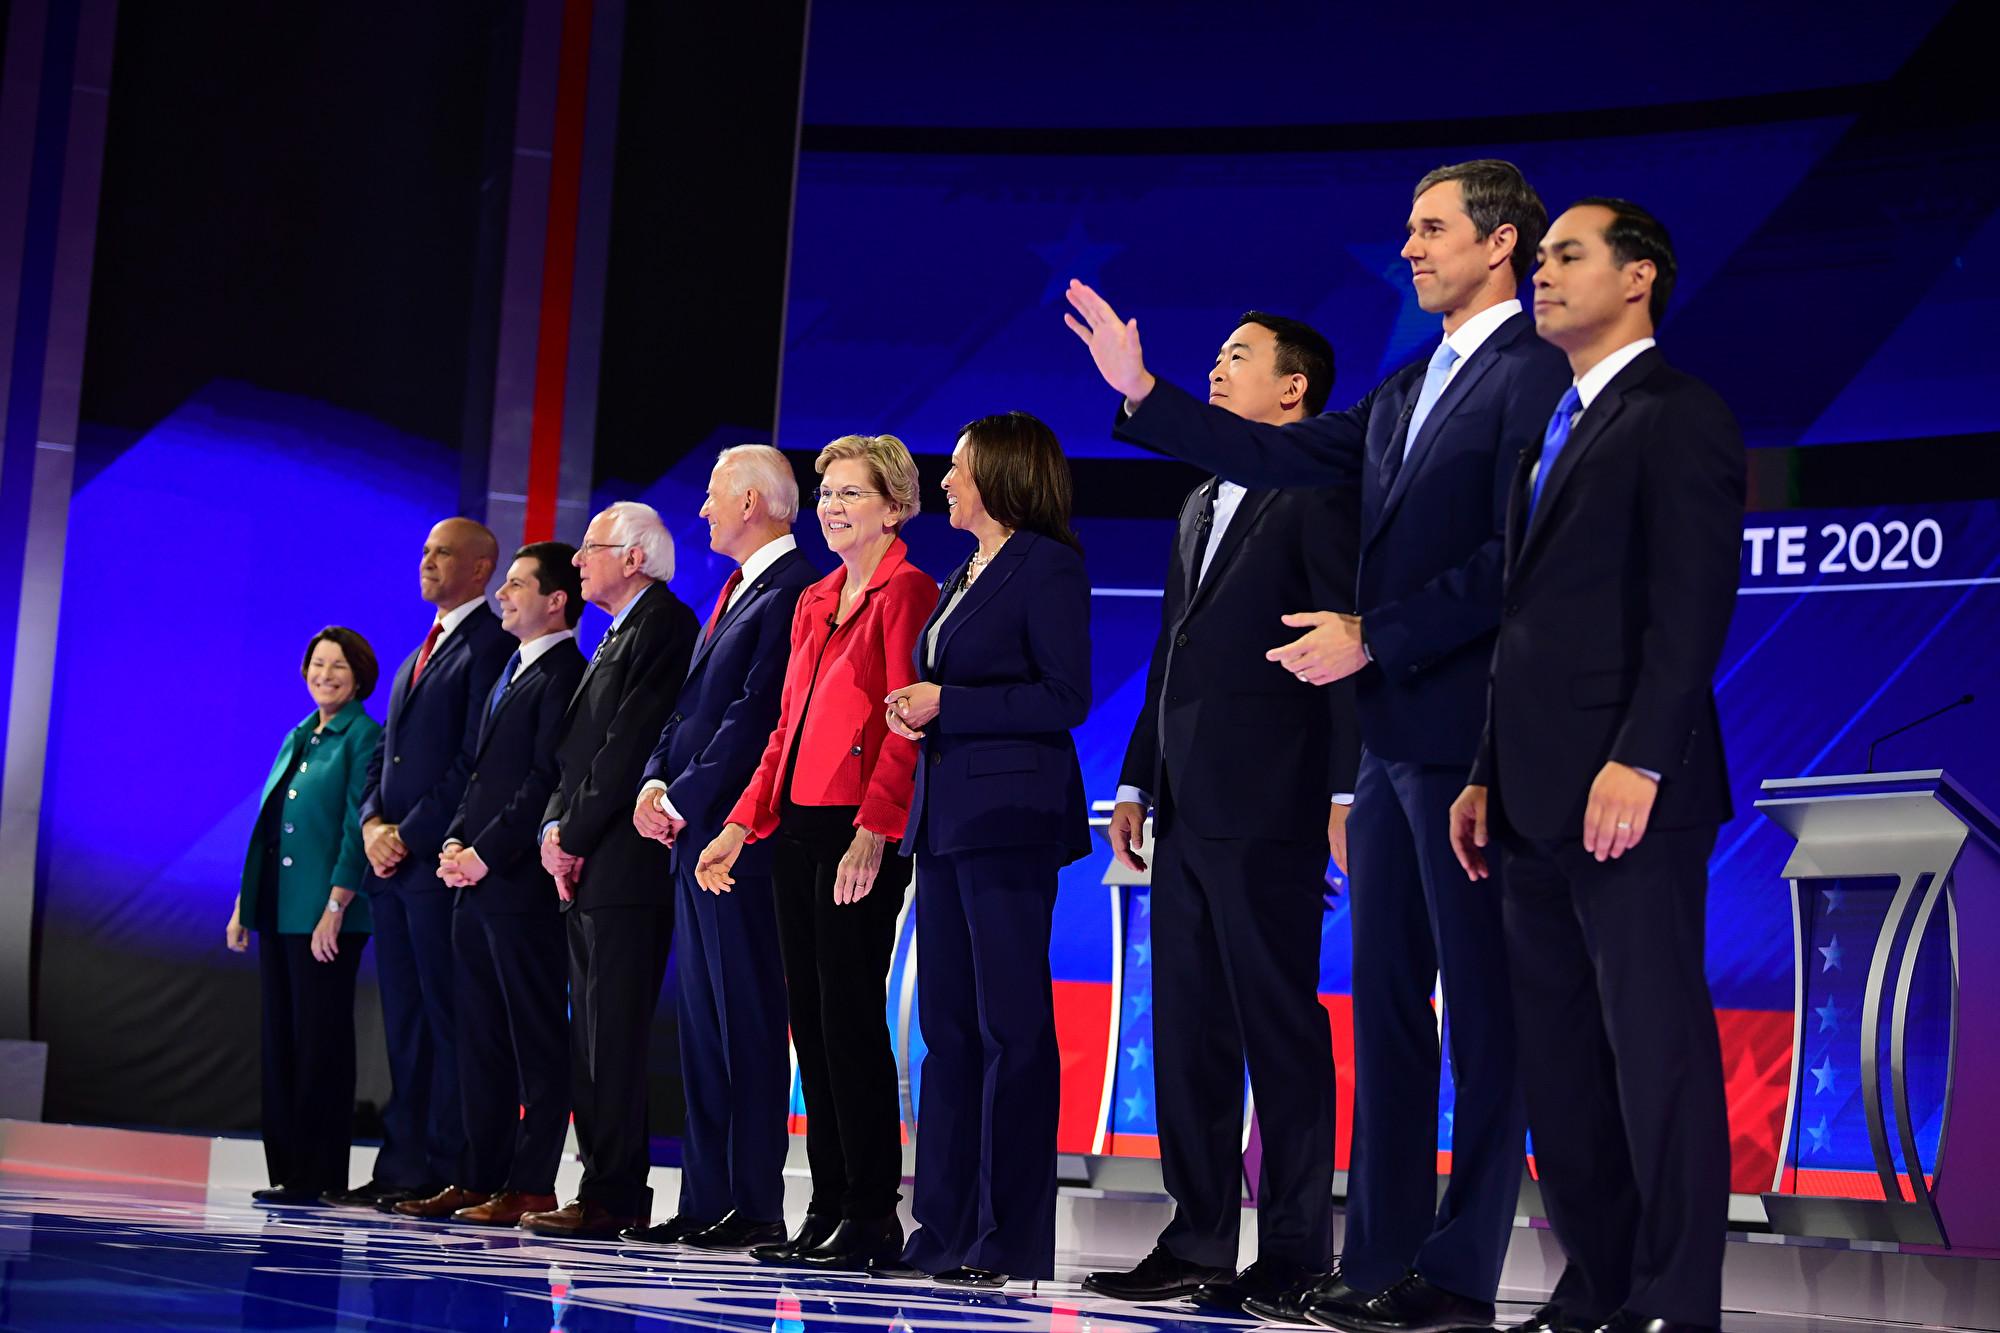 第三次辯論 民主黨總統候選人稱中共是問題